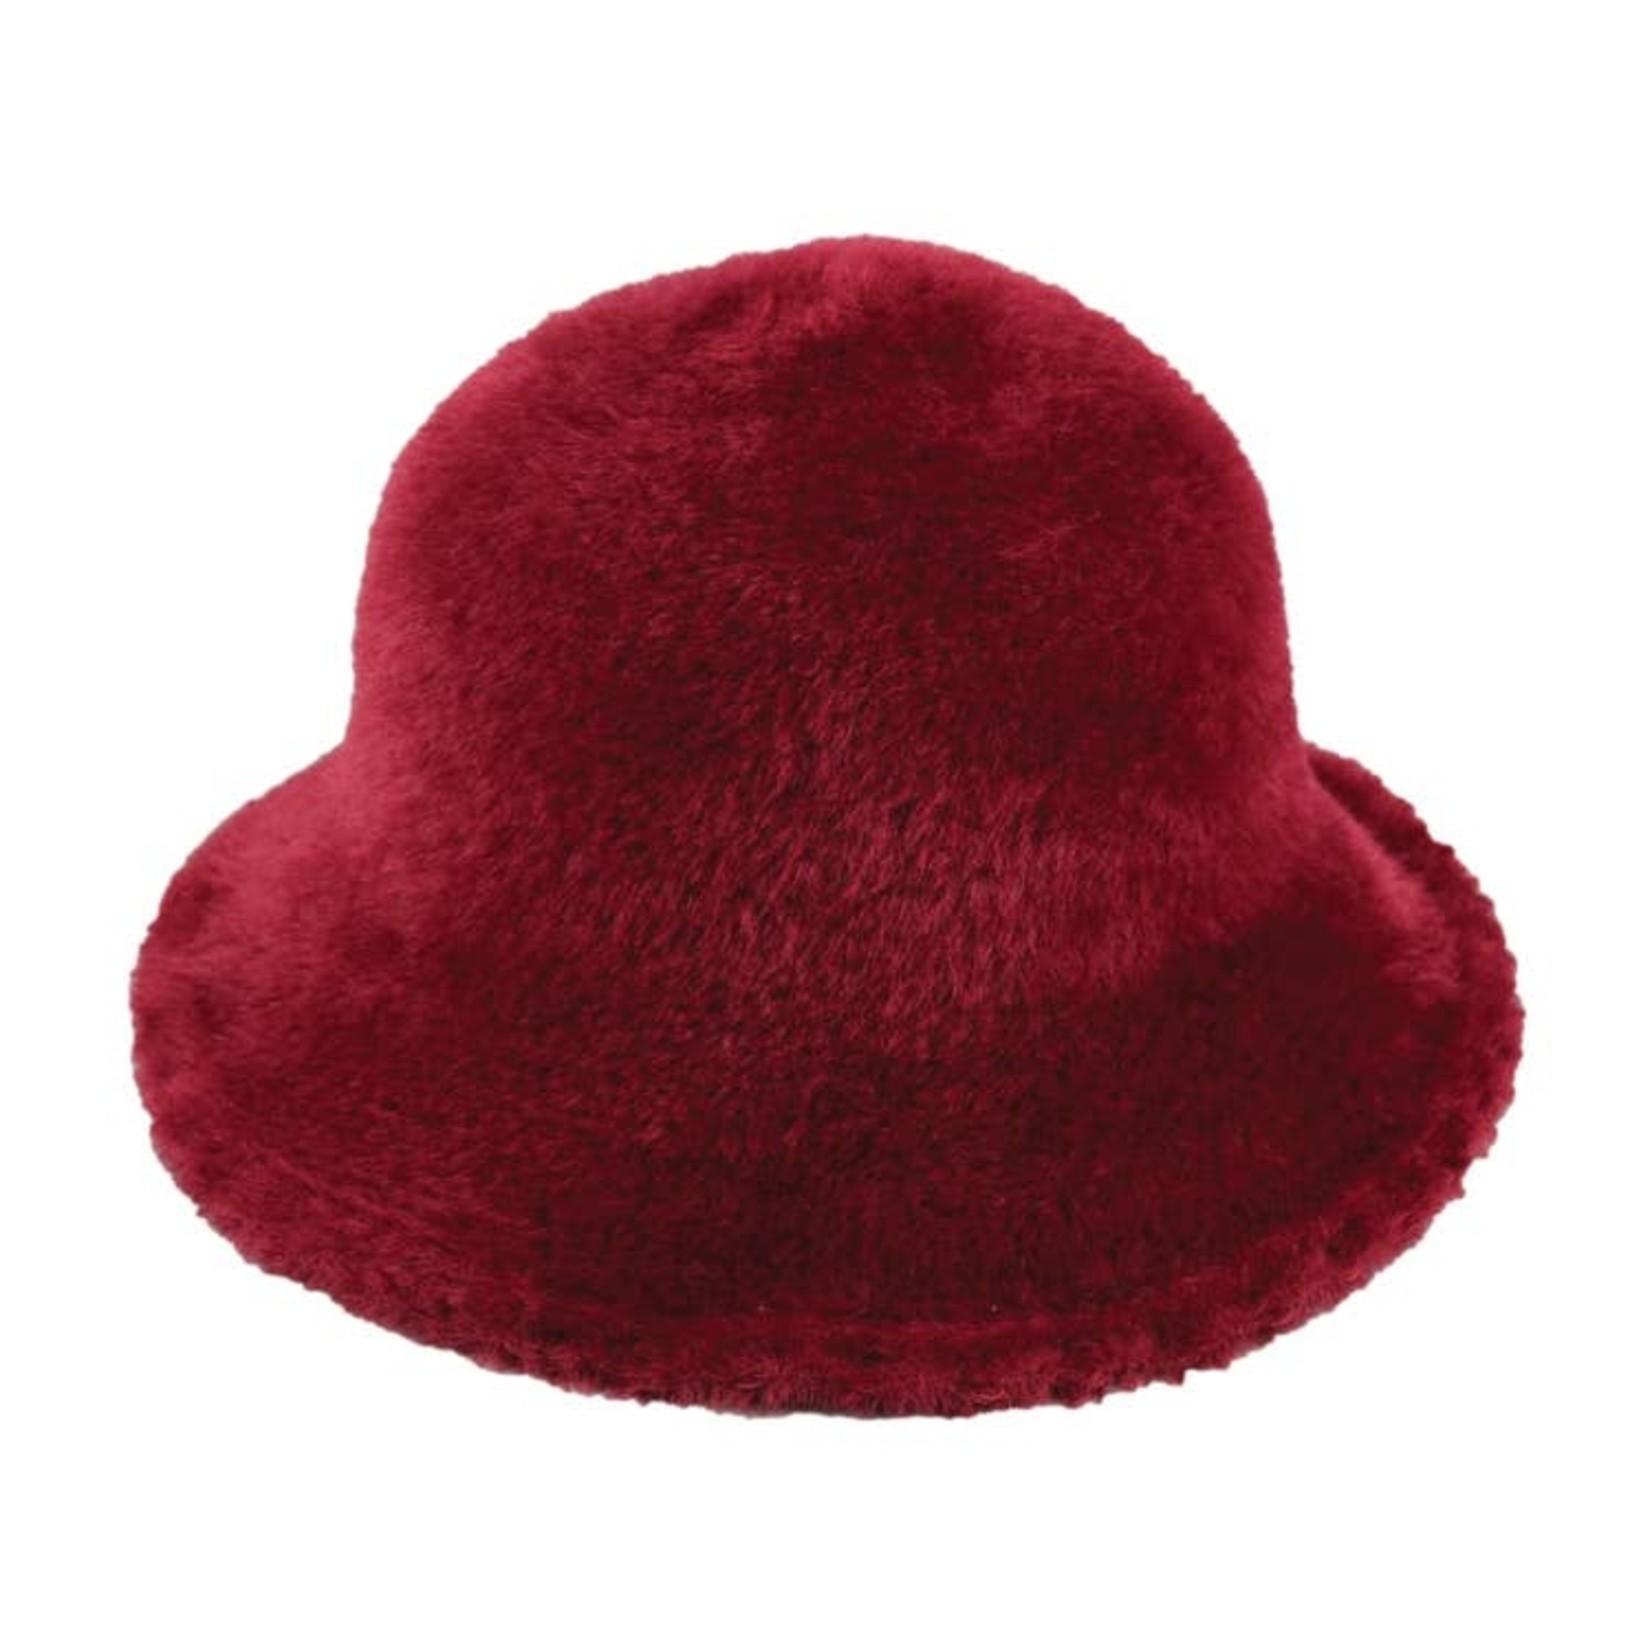 Jeanne Simmons Fuzzy Wire Adjustable Brim Hat - Burgundy